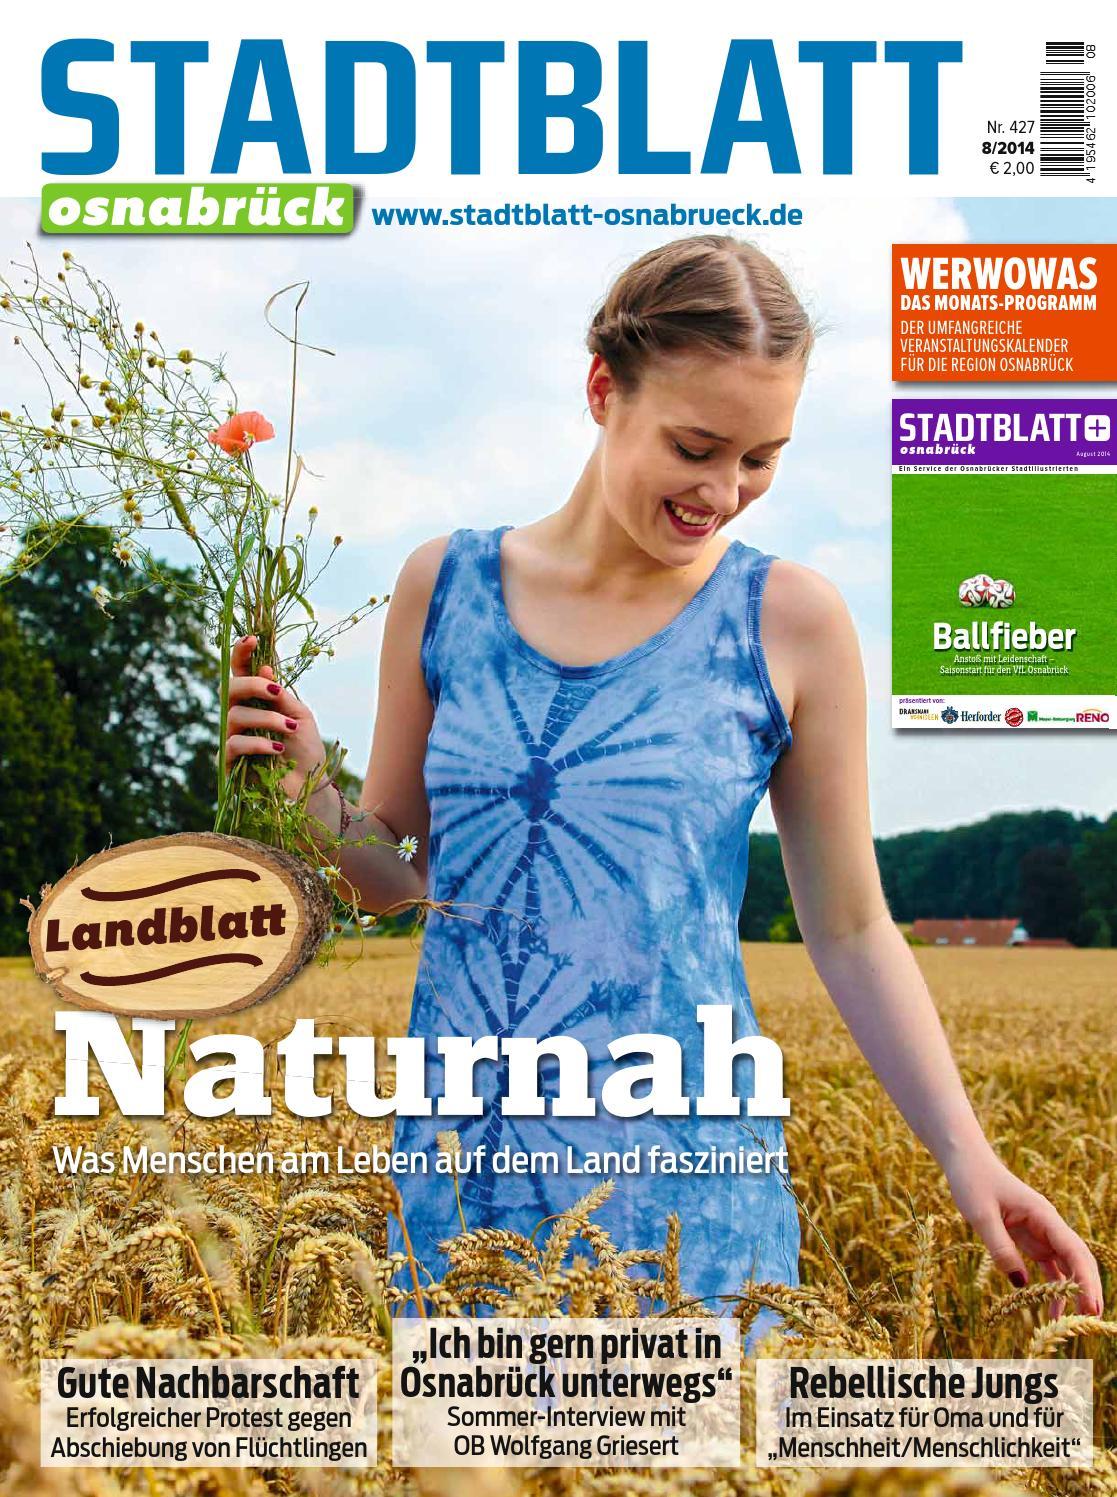 Stadtblatt 2014 08 by bvw werbeagentur - issuu